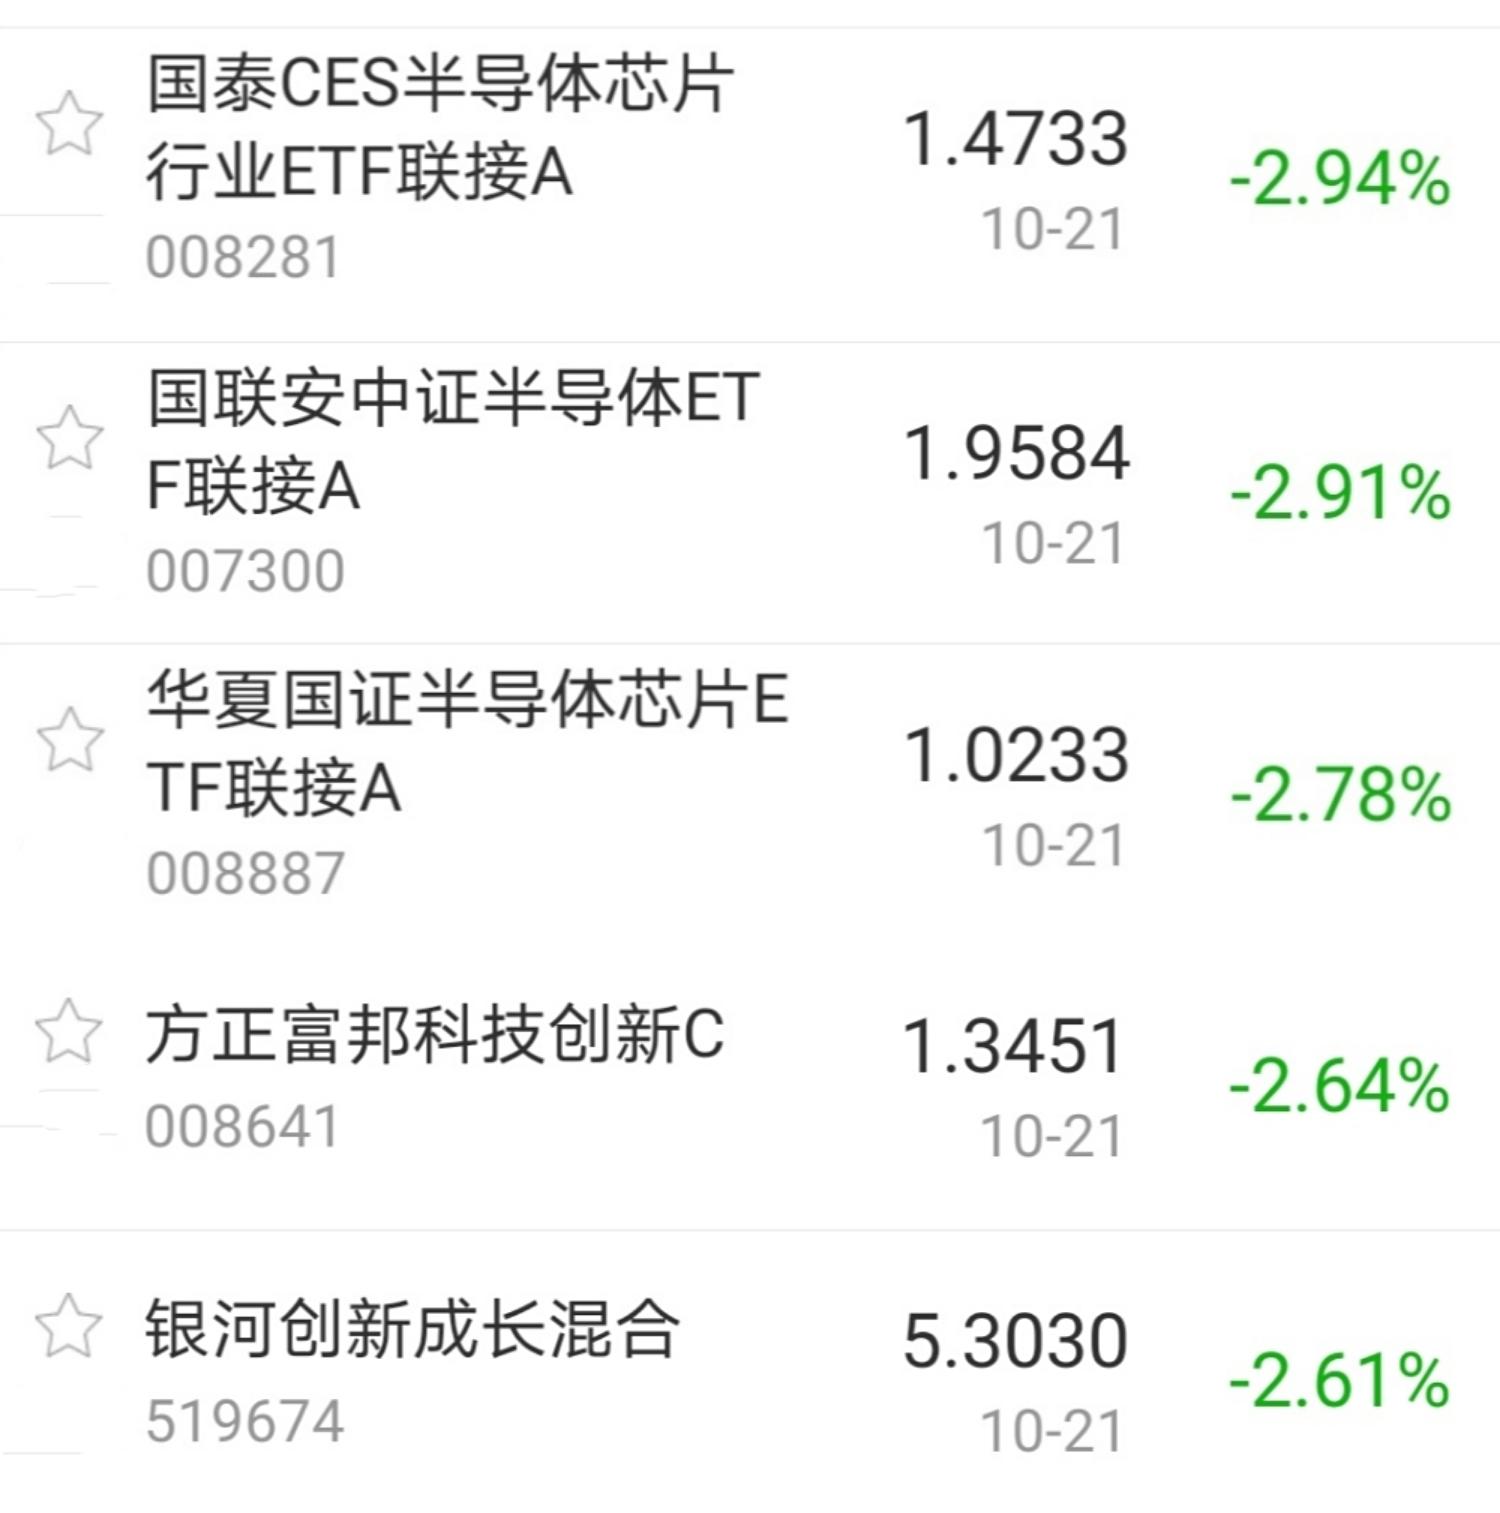 【今日盘点】创业板指收跌1.46%,银行保险主题基金逆势上涨;大金融奋力护盘,市场唱的哪一出?